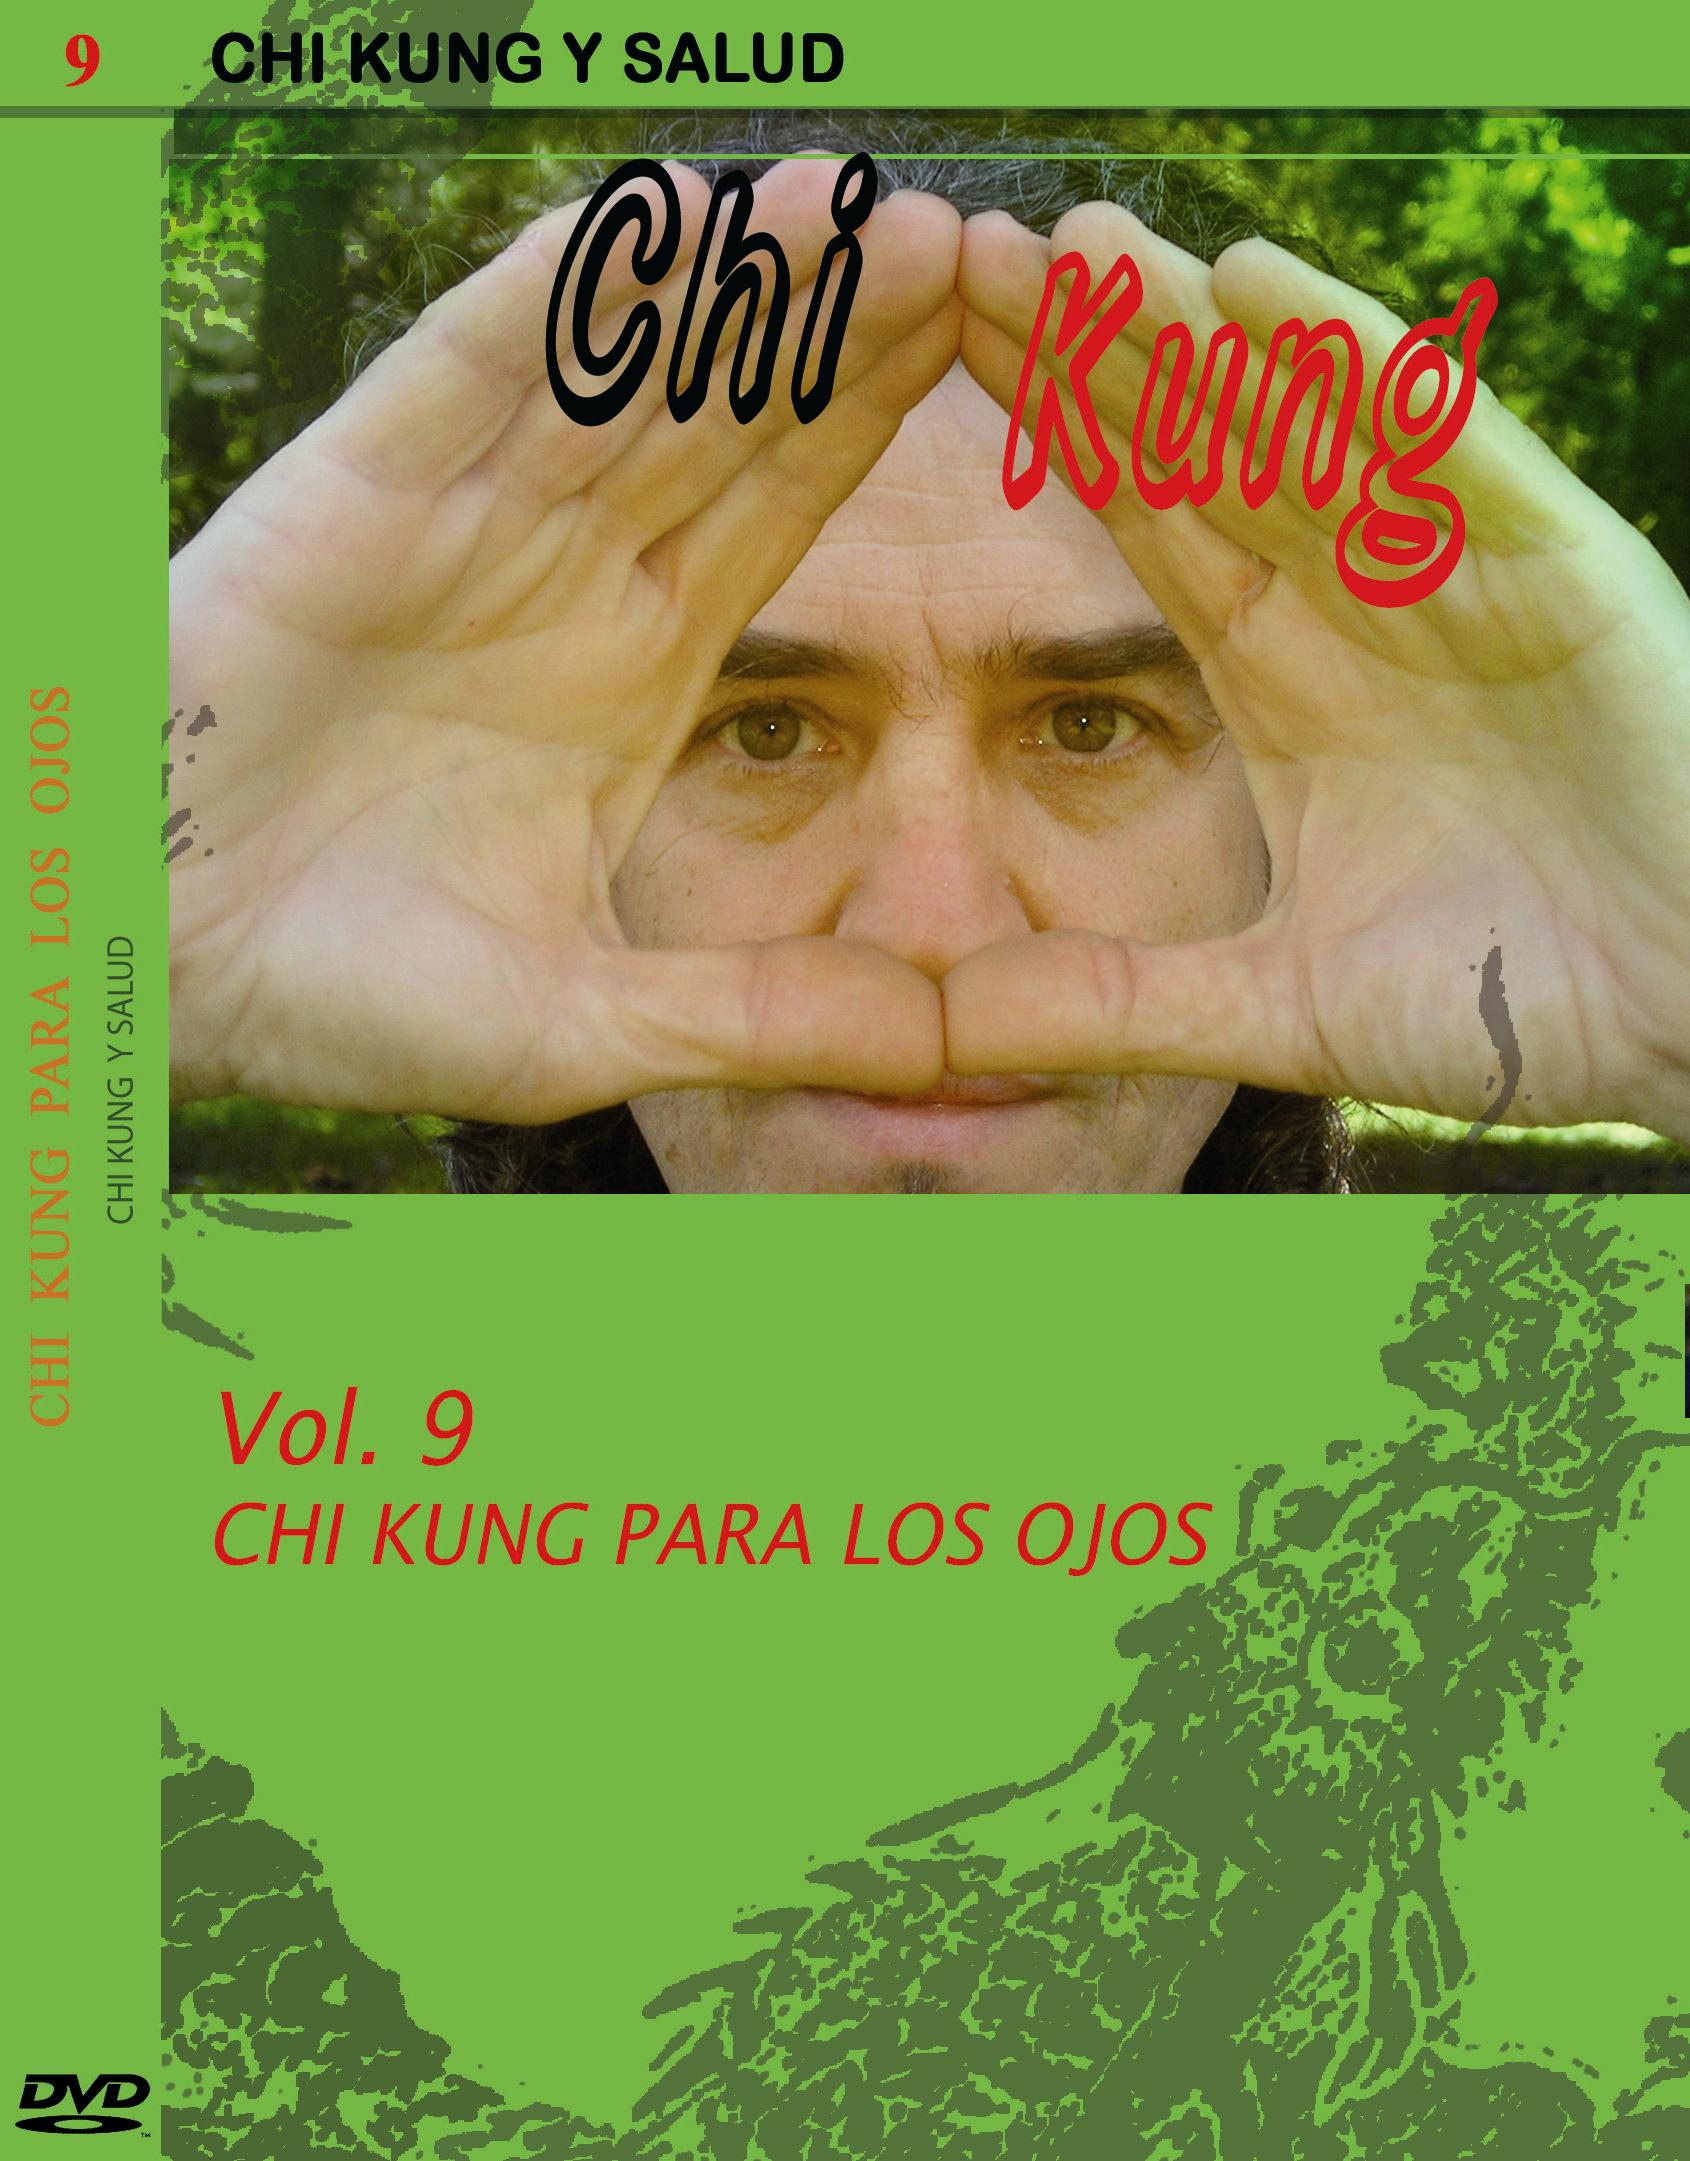 Dvd Chi Kung Y Salud Vol 9 Chi Kung Para Los Ojos 55015 Janú Ruiz None Bohindra Libros Esotéricos